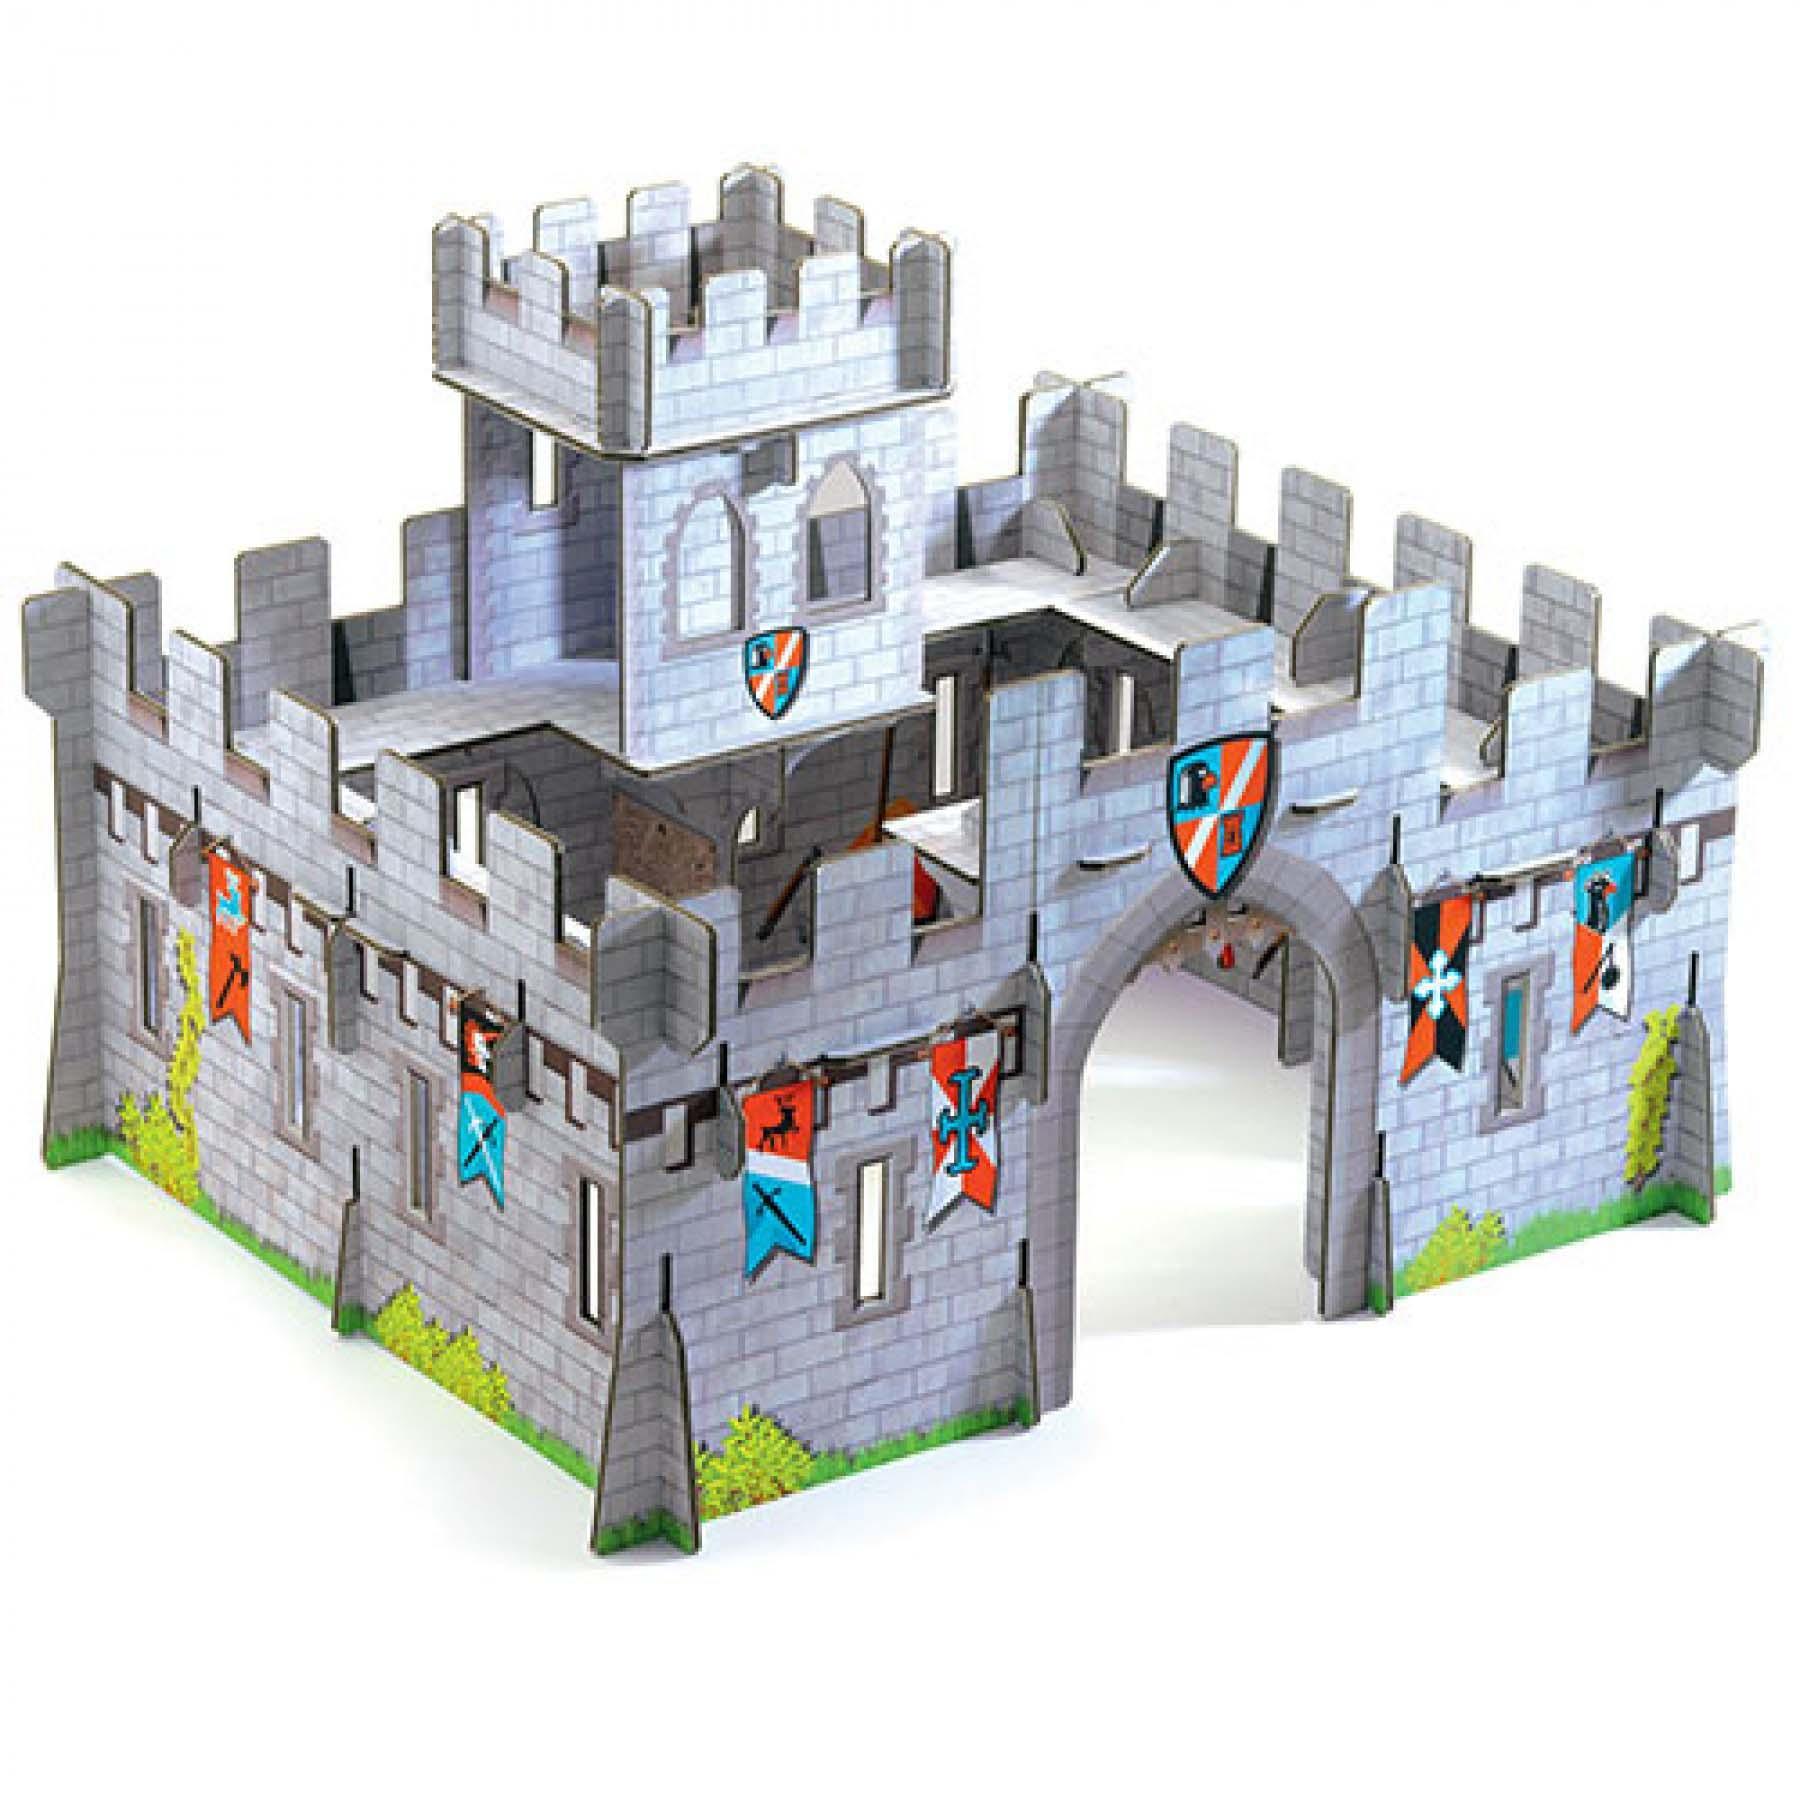 Купить Конструктор из картона - Средневековый замок, 31 деталь, Djeco